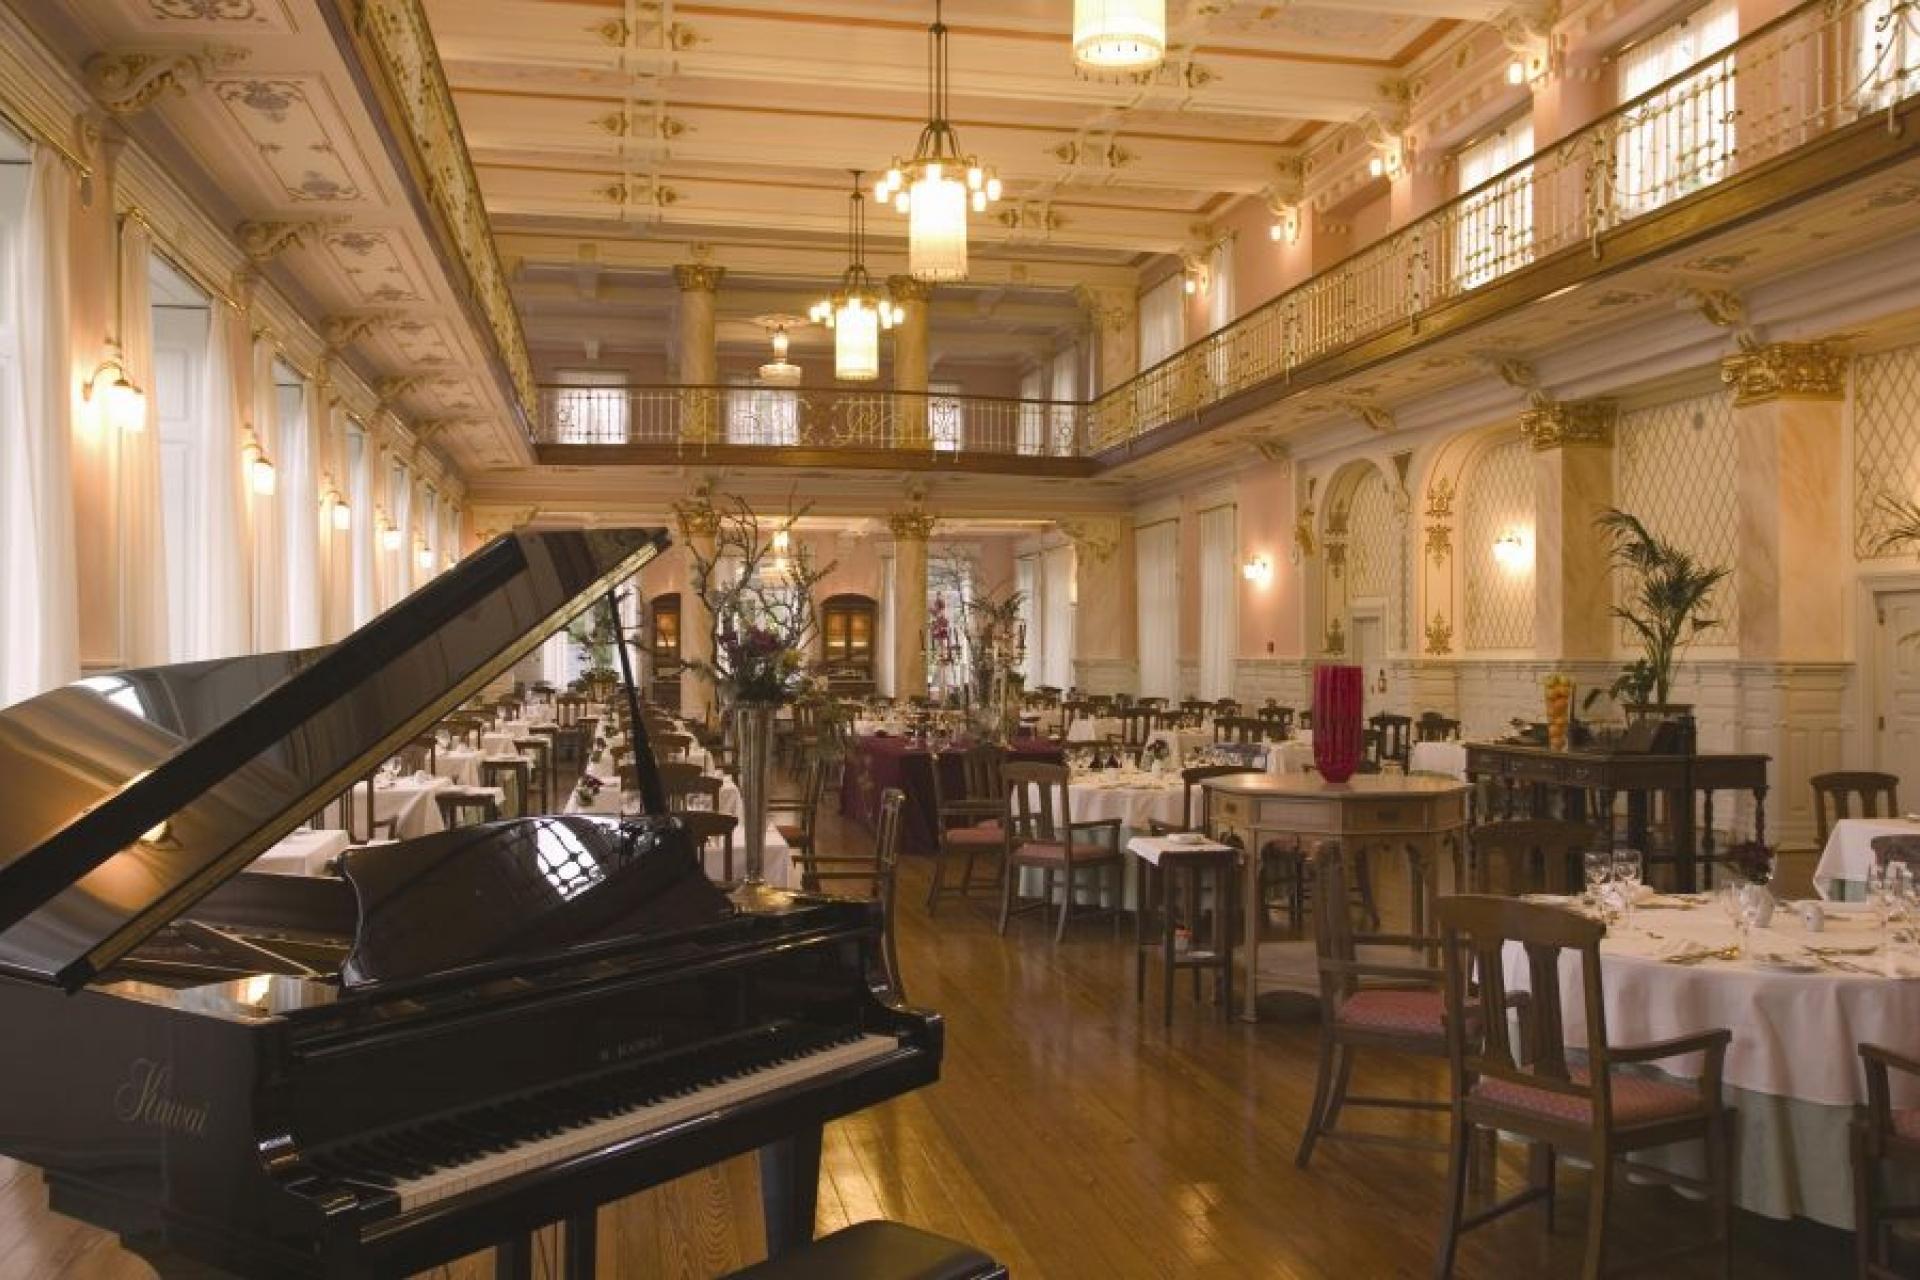 PortoCool_Blog_Aqui Perto: Jantar Vínico no Vidago Palace